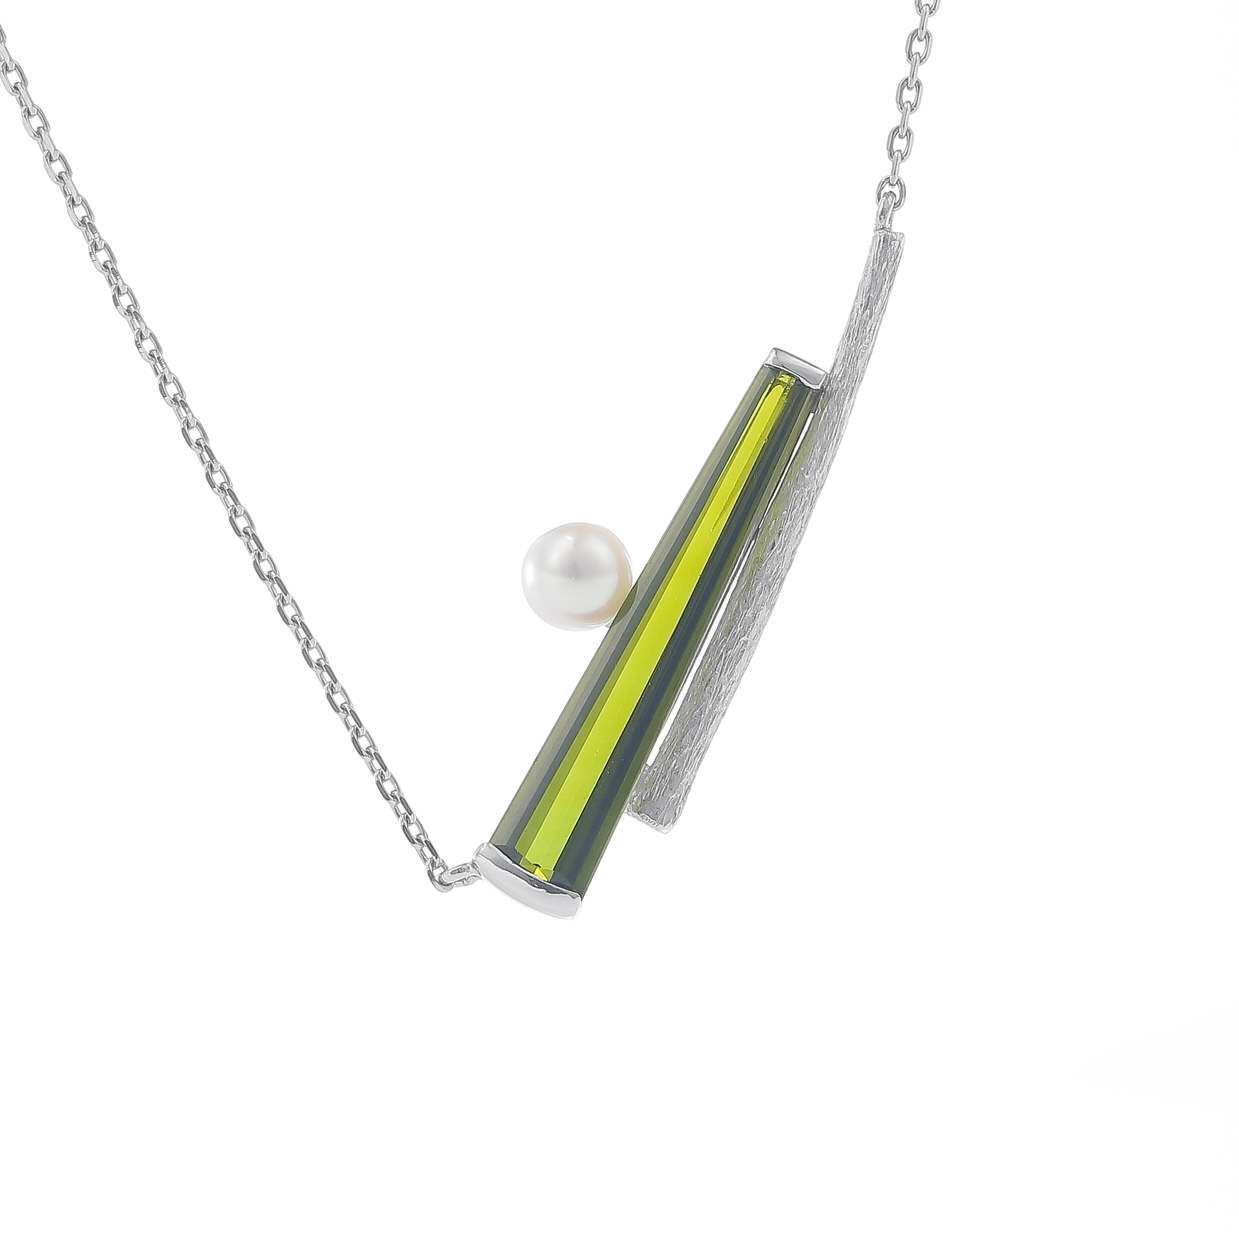 トルマリンとパール(真珠)のネックレス 01